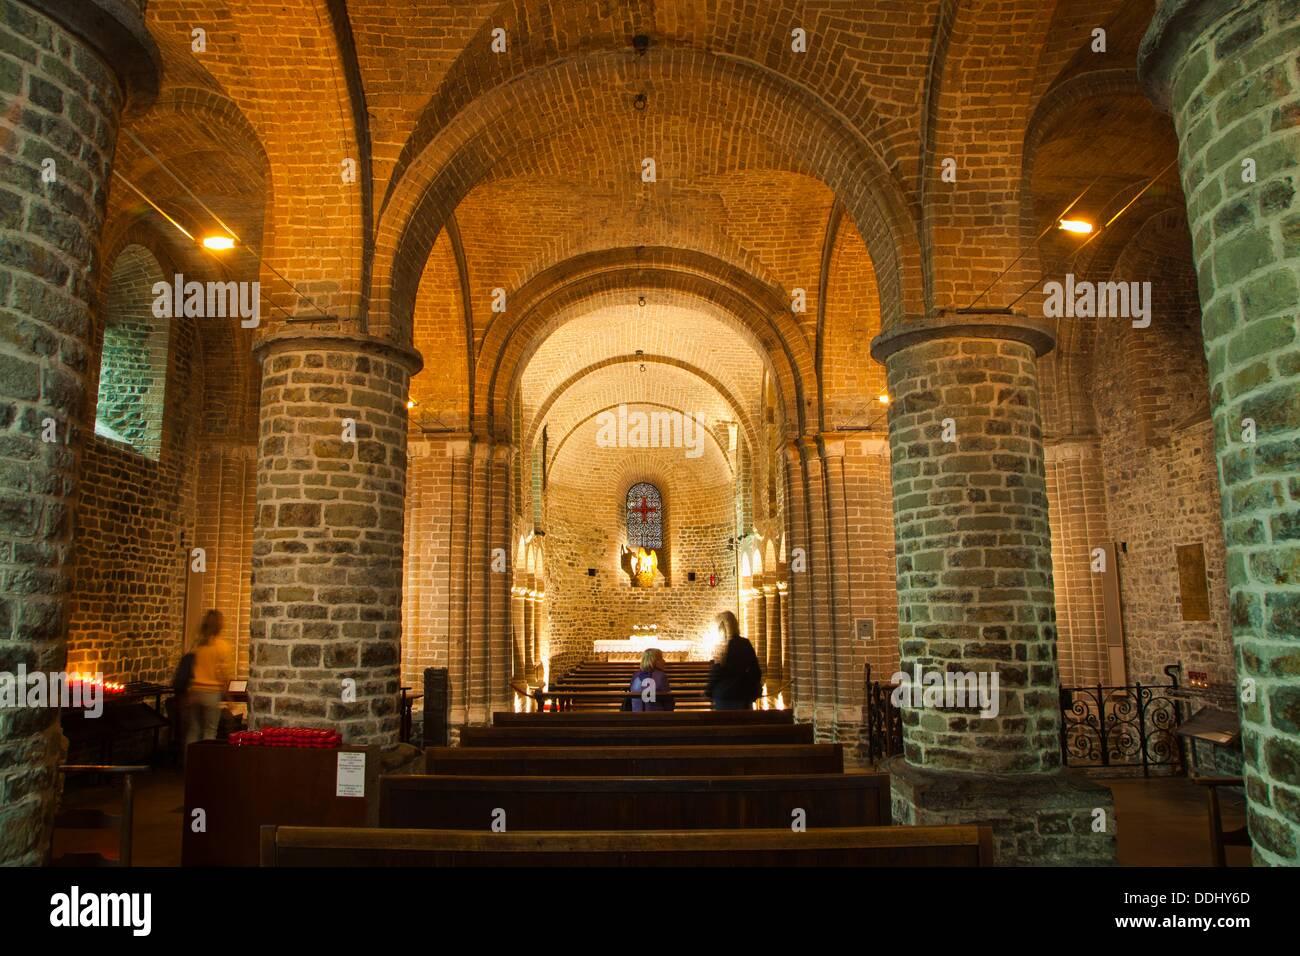 La chapelle de l'église de Basilican le sang Saint XII siècle place Burg Bruges, Brugge, Flandre, Belgique, l'UNESCO Photo Stock